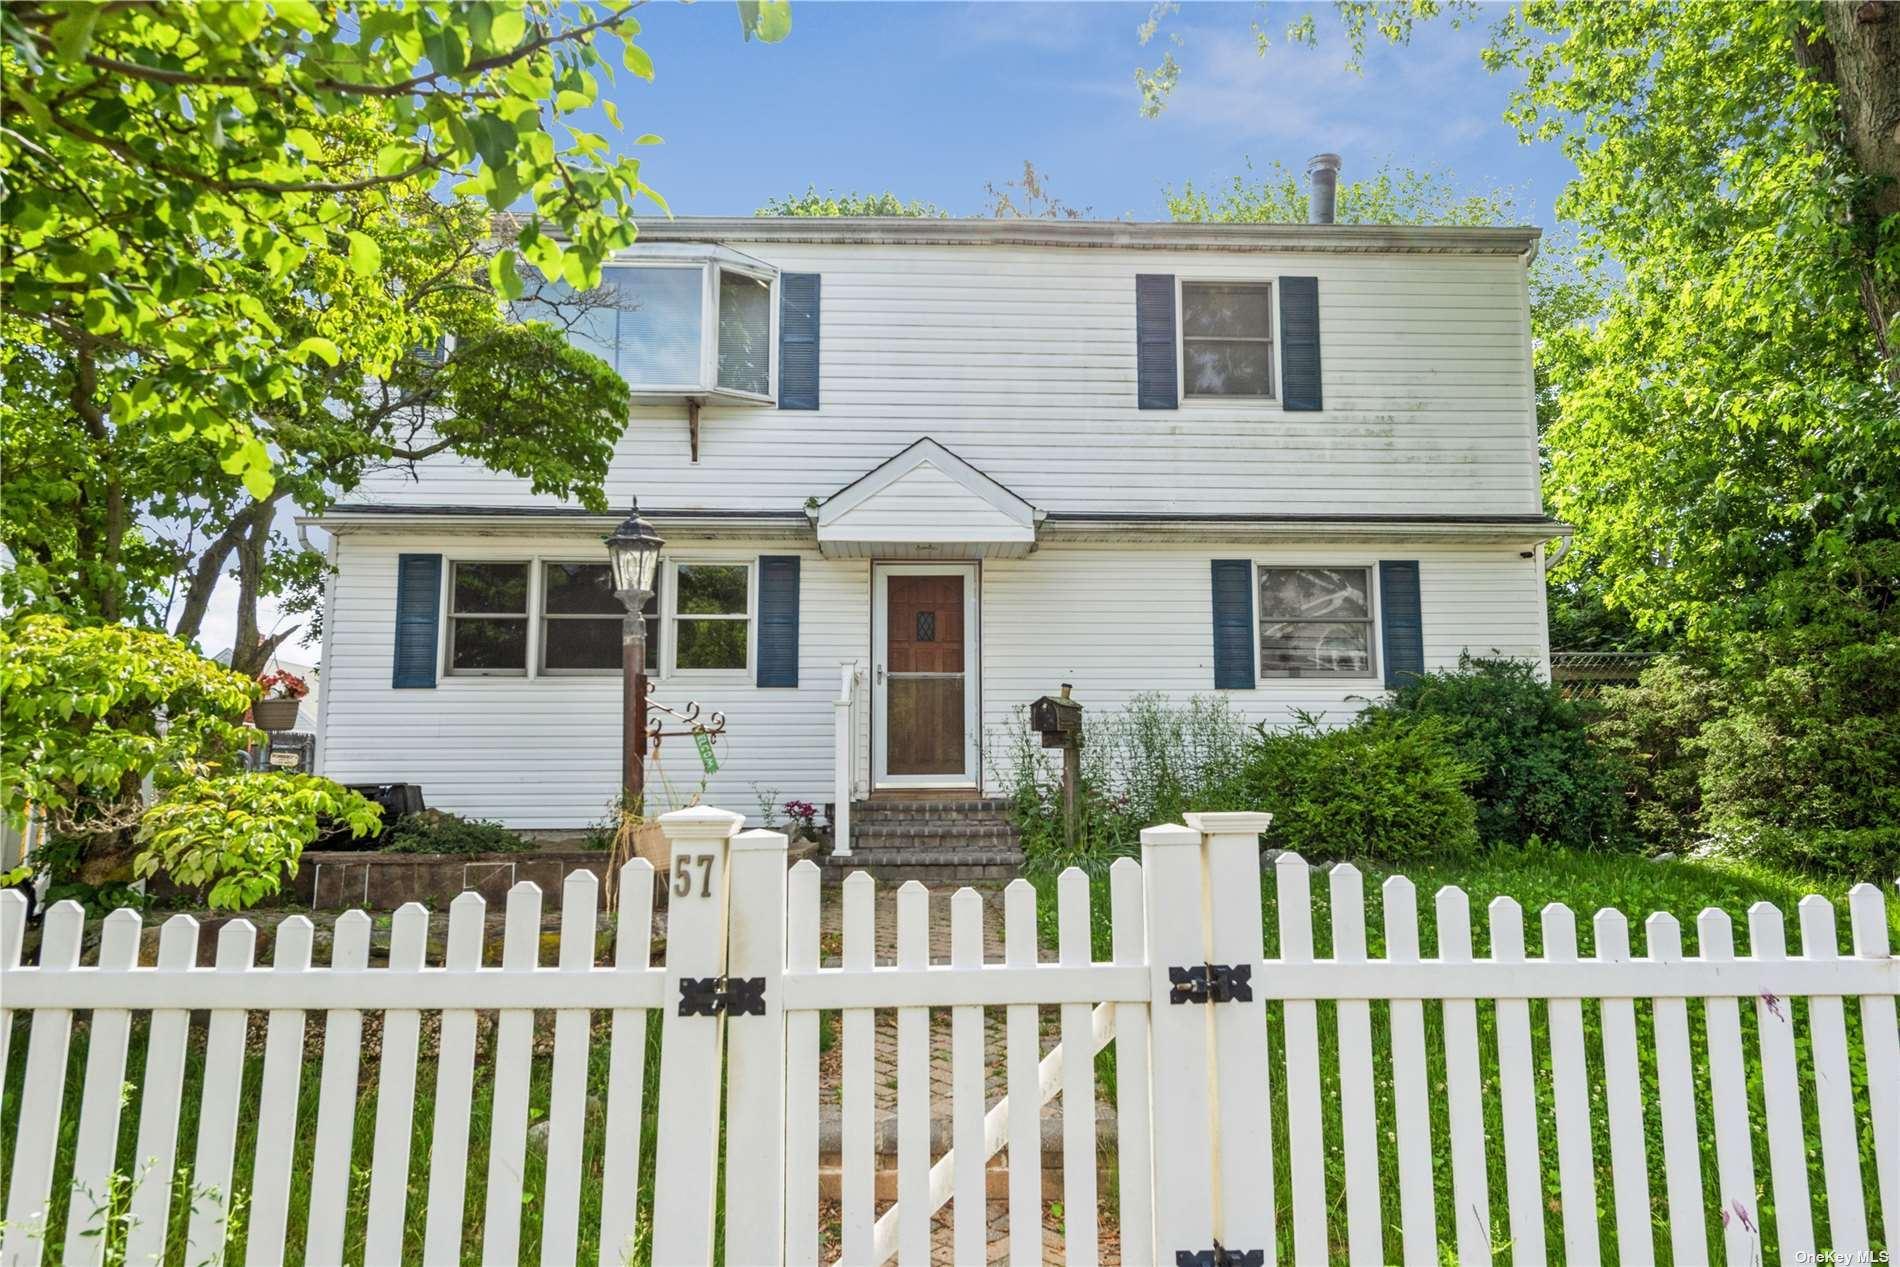 57 Spruce Street, Hicksville, NY 11801 - MLS#: 3322548